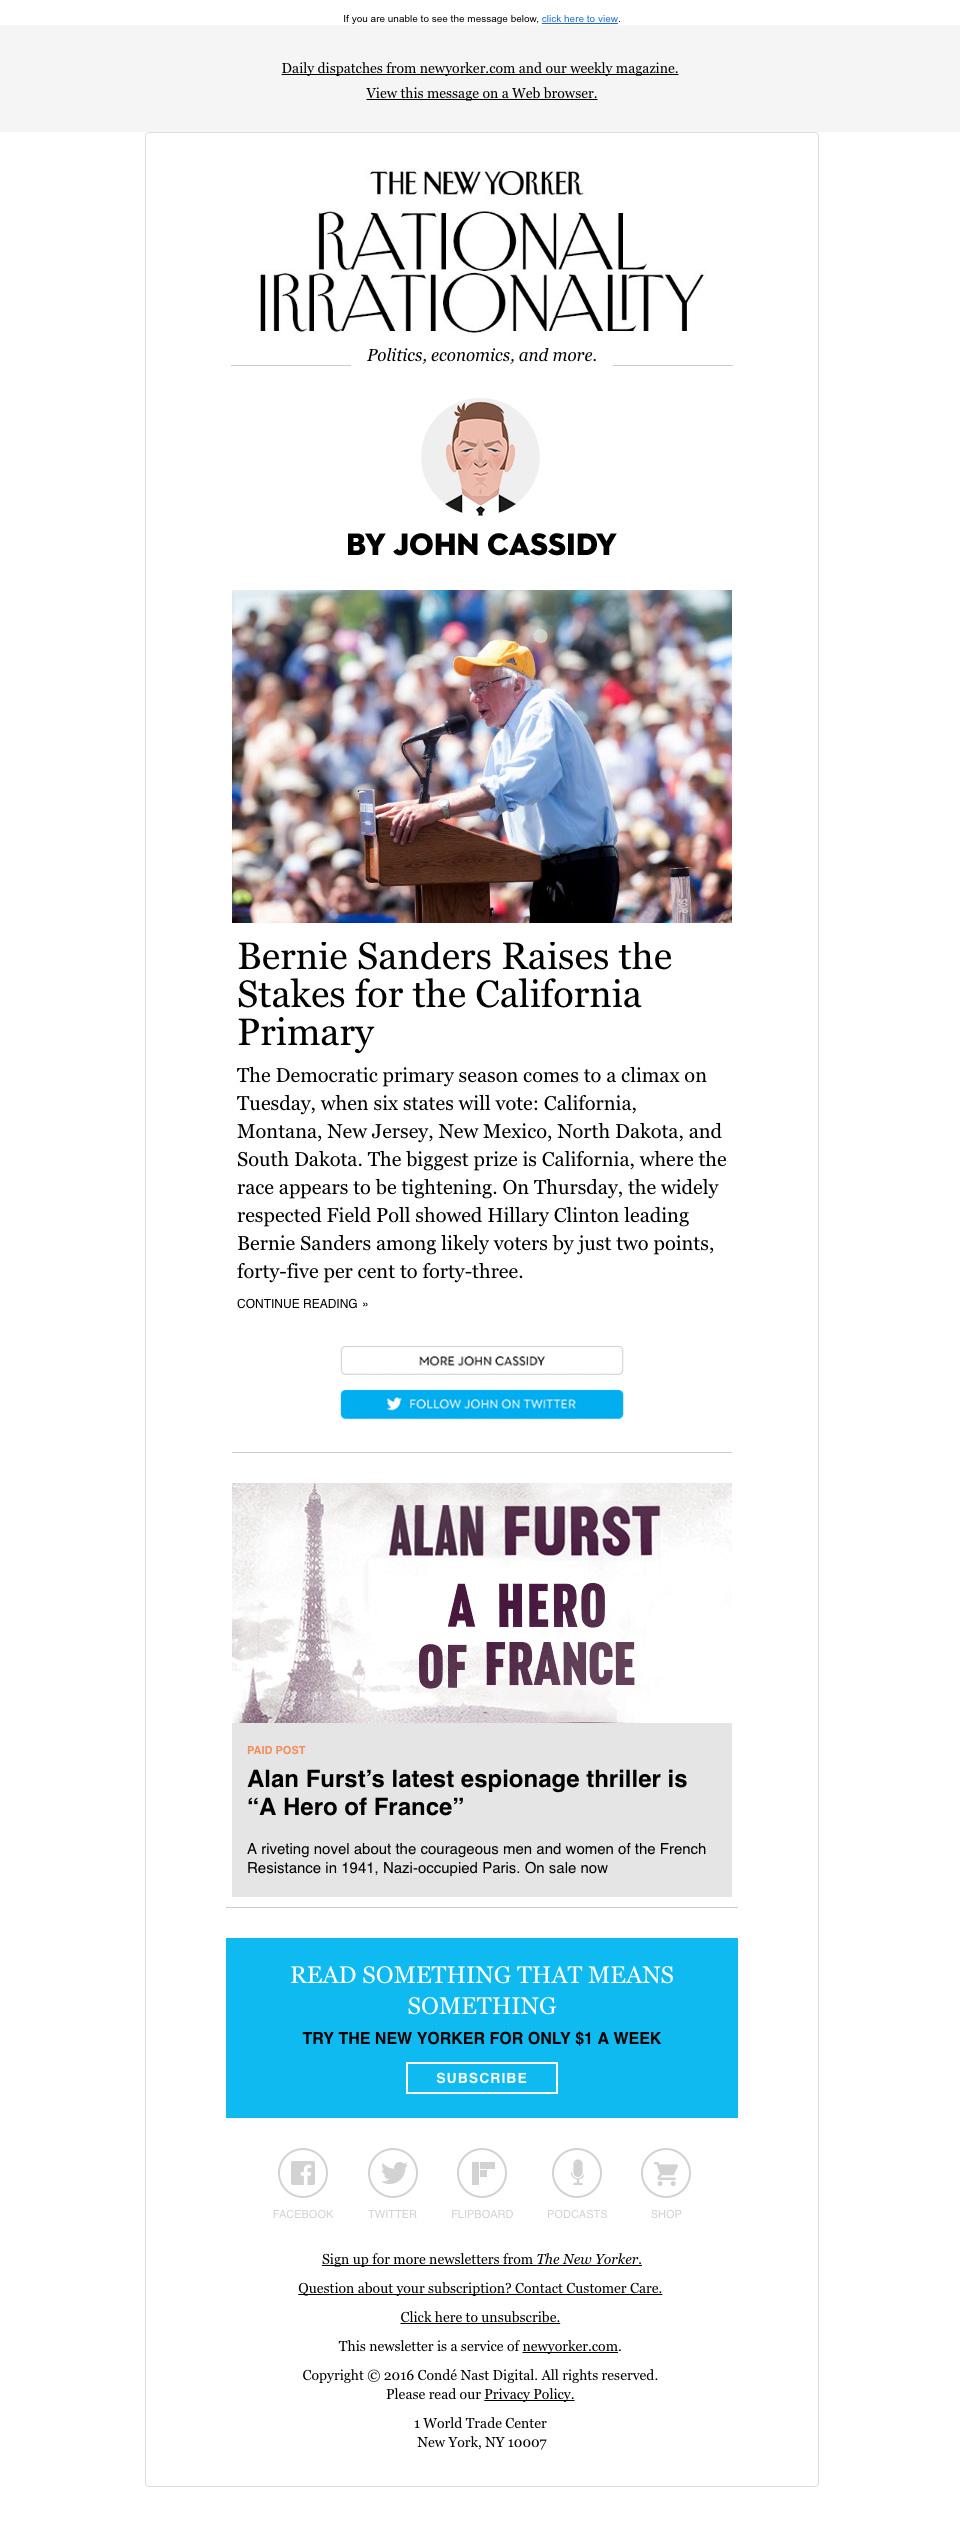 newyorker-newsletter